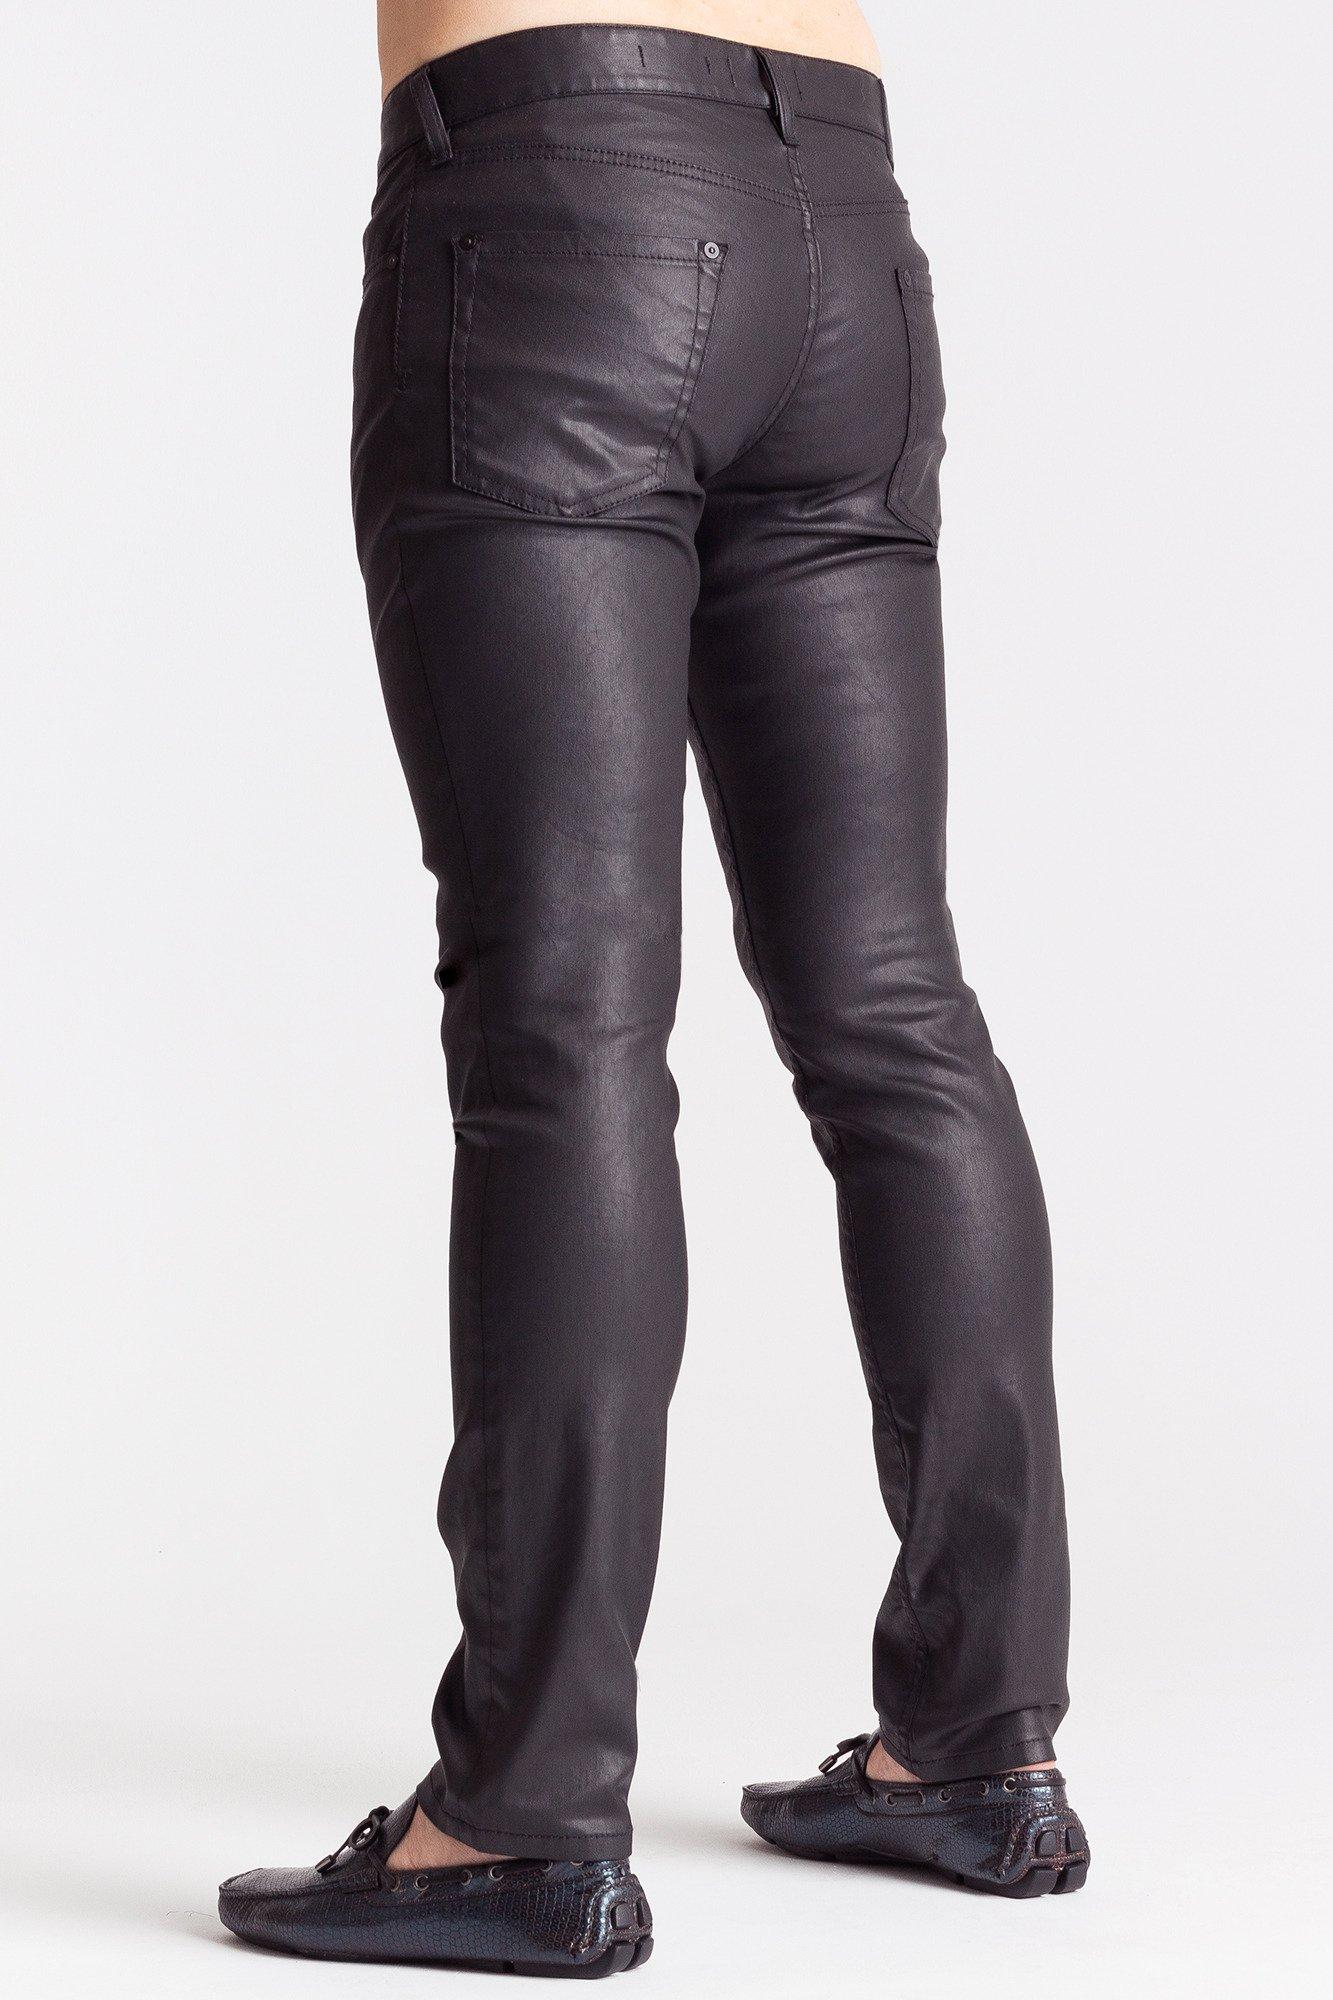 4a4676e75b8ef Czarne spodnie męskie z woskowanej bawełny | Markowa odzież w ...